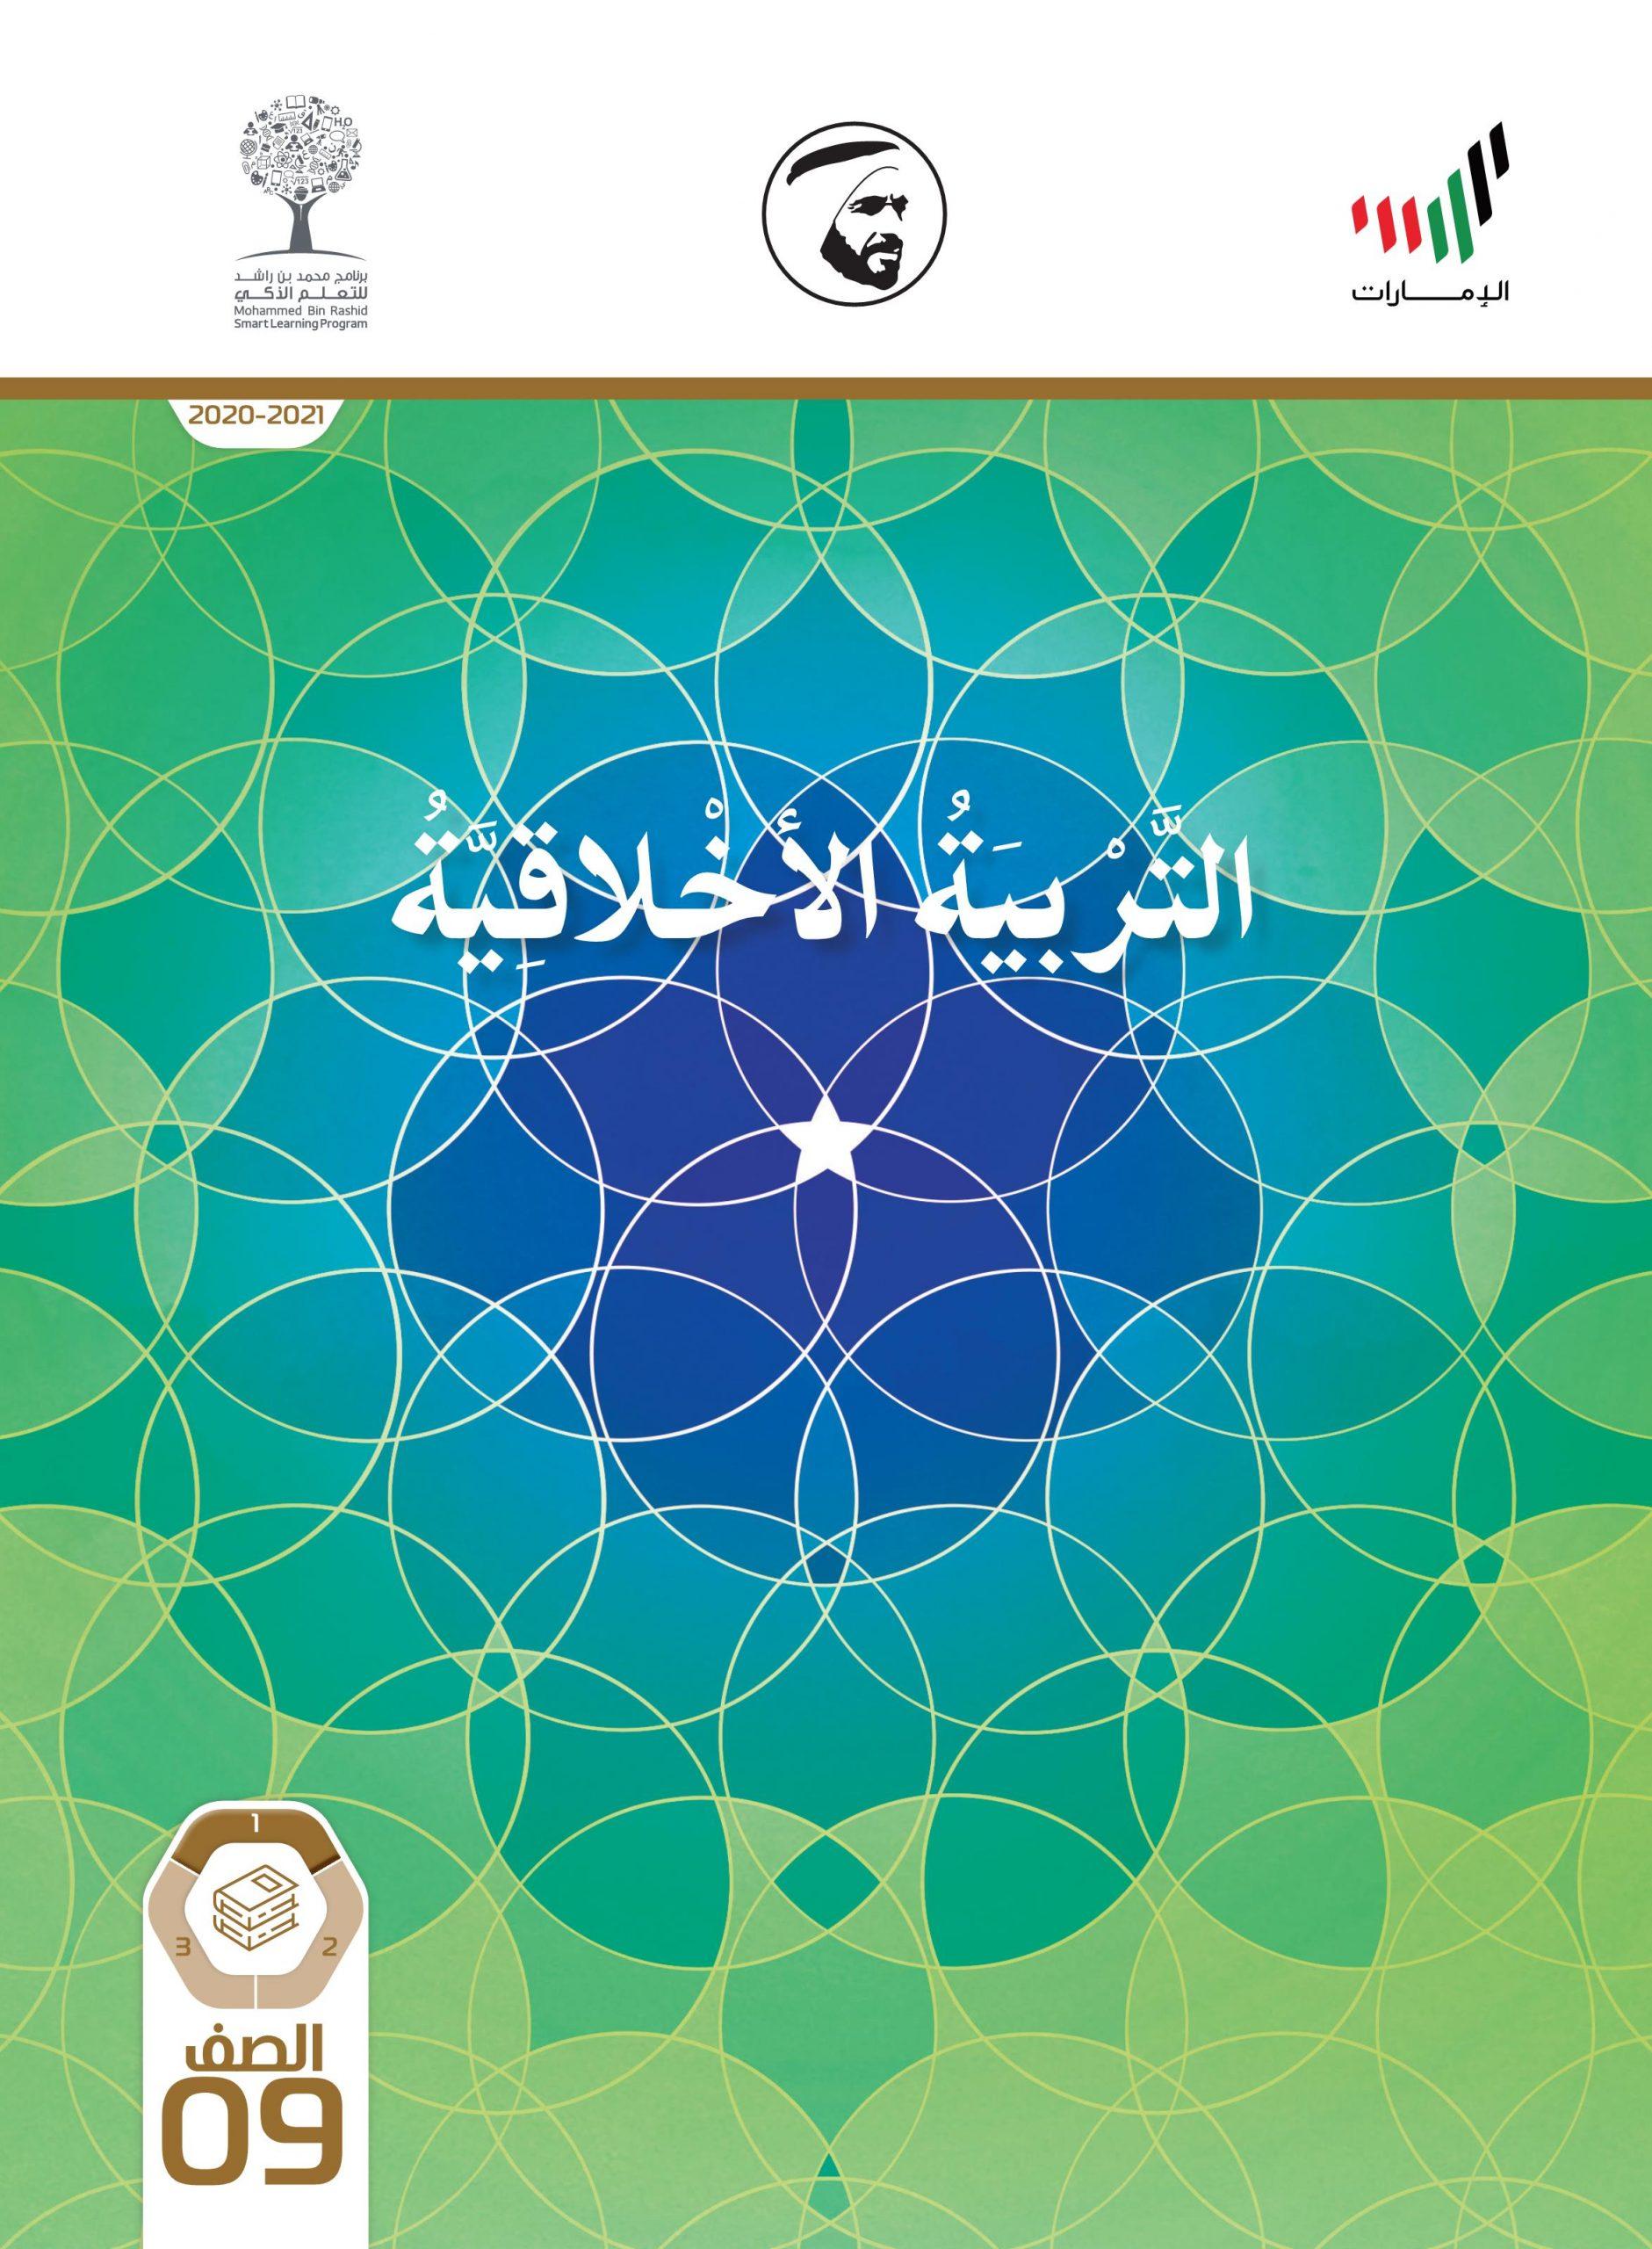 تحميل كتاب التربية المقارنة ونظم التعليم pdf